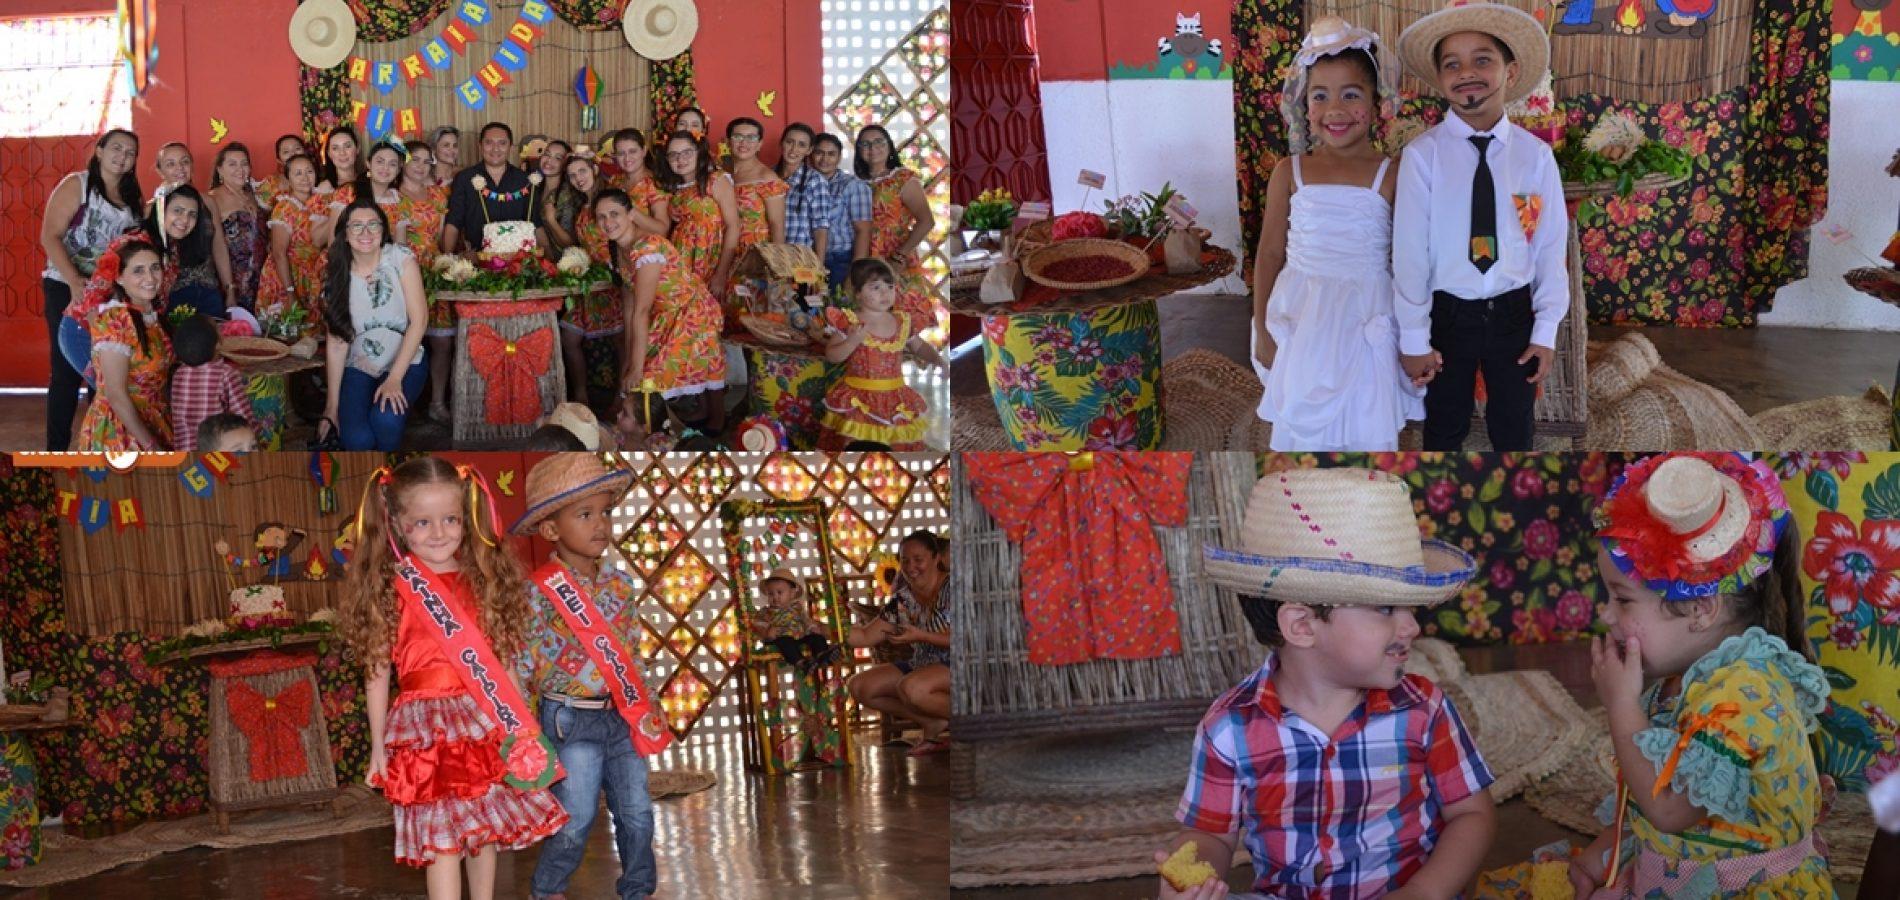 Arraiá da Creche Tia Guida leva cultura e diversão para crianças em Padre Marcos